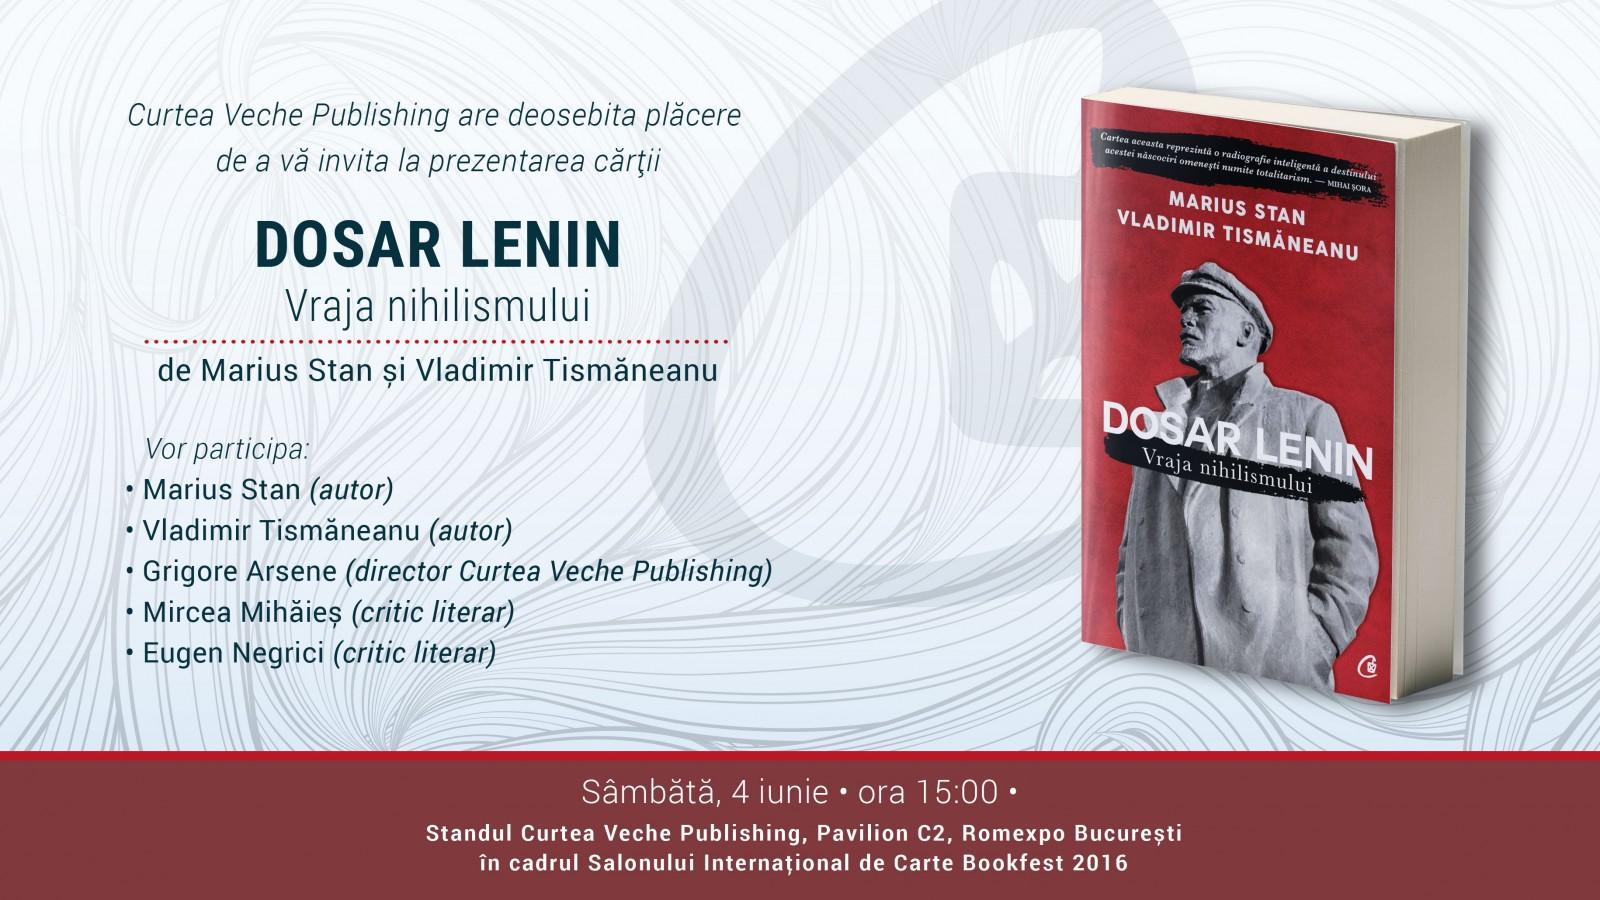 """Marius Stan şi Vladimir Tismăneanu lansează la Bookfest, pe 4 iunie, volumul """"Dosar Lenin"""""""